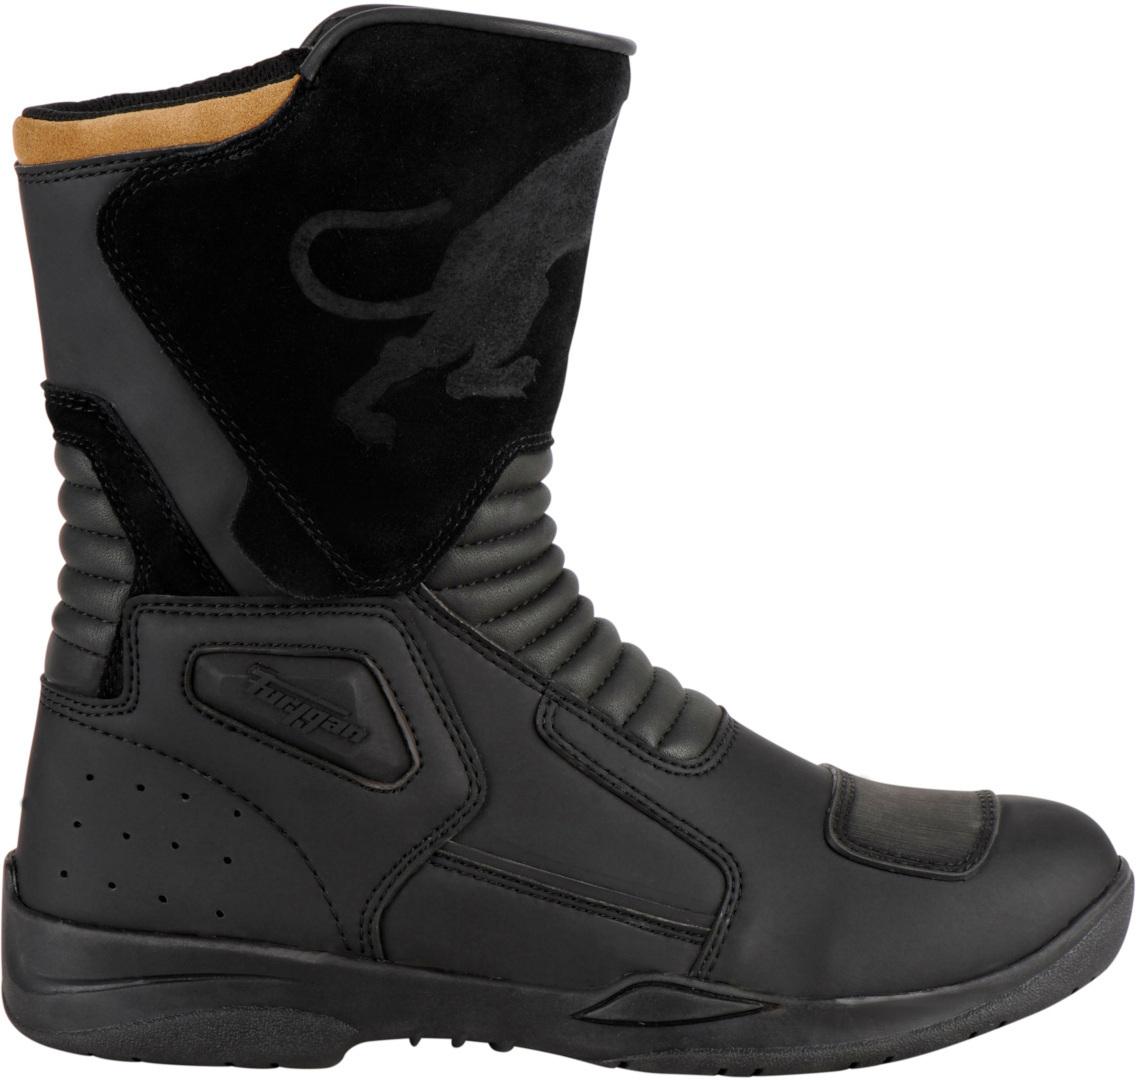 Furygan Boot GT D3O WP Motorradstiefel, schwarz, Größe 43, schwarz, Größe 43